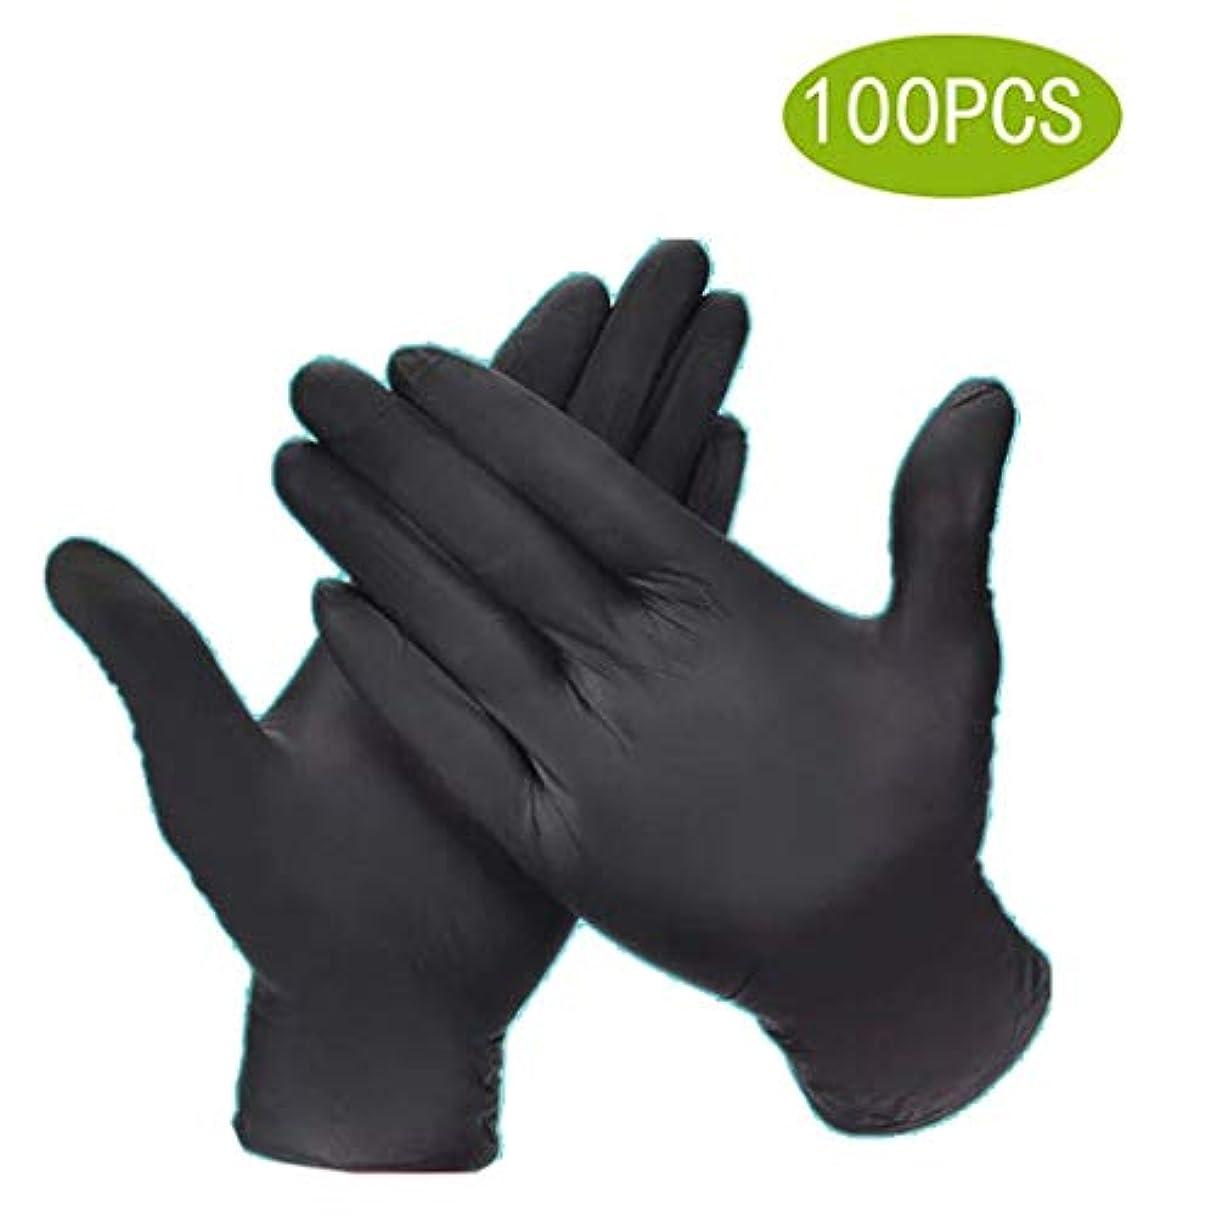 独裁薬剤師正確な使い捨て手袋食品ケータリング手術ディンチン厚い黒滑り止め酸とアルカリキッチン試験/食品グレード安全用品、使い捨てハンドグローブディスペンサー[100個] (Size : M)